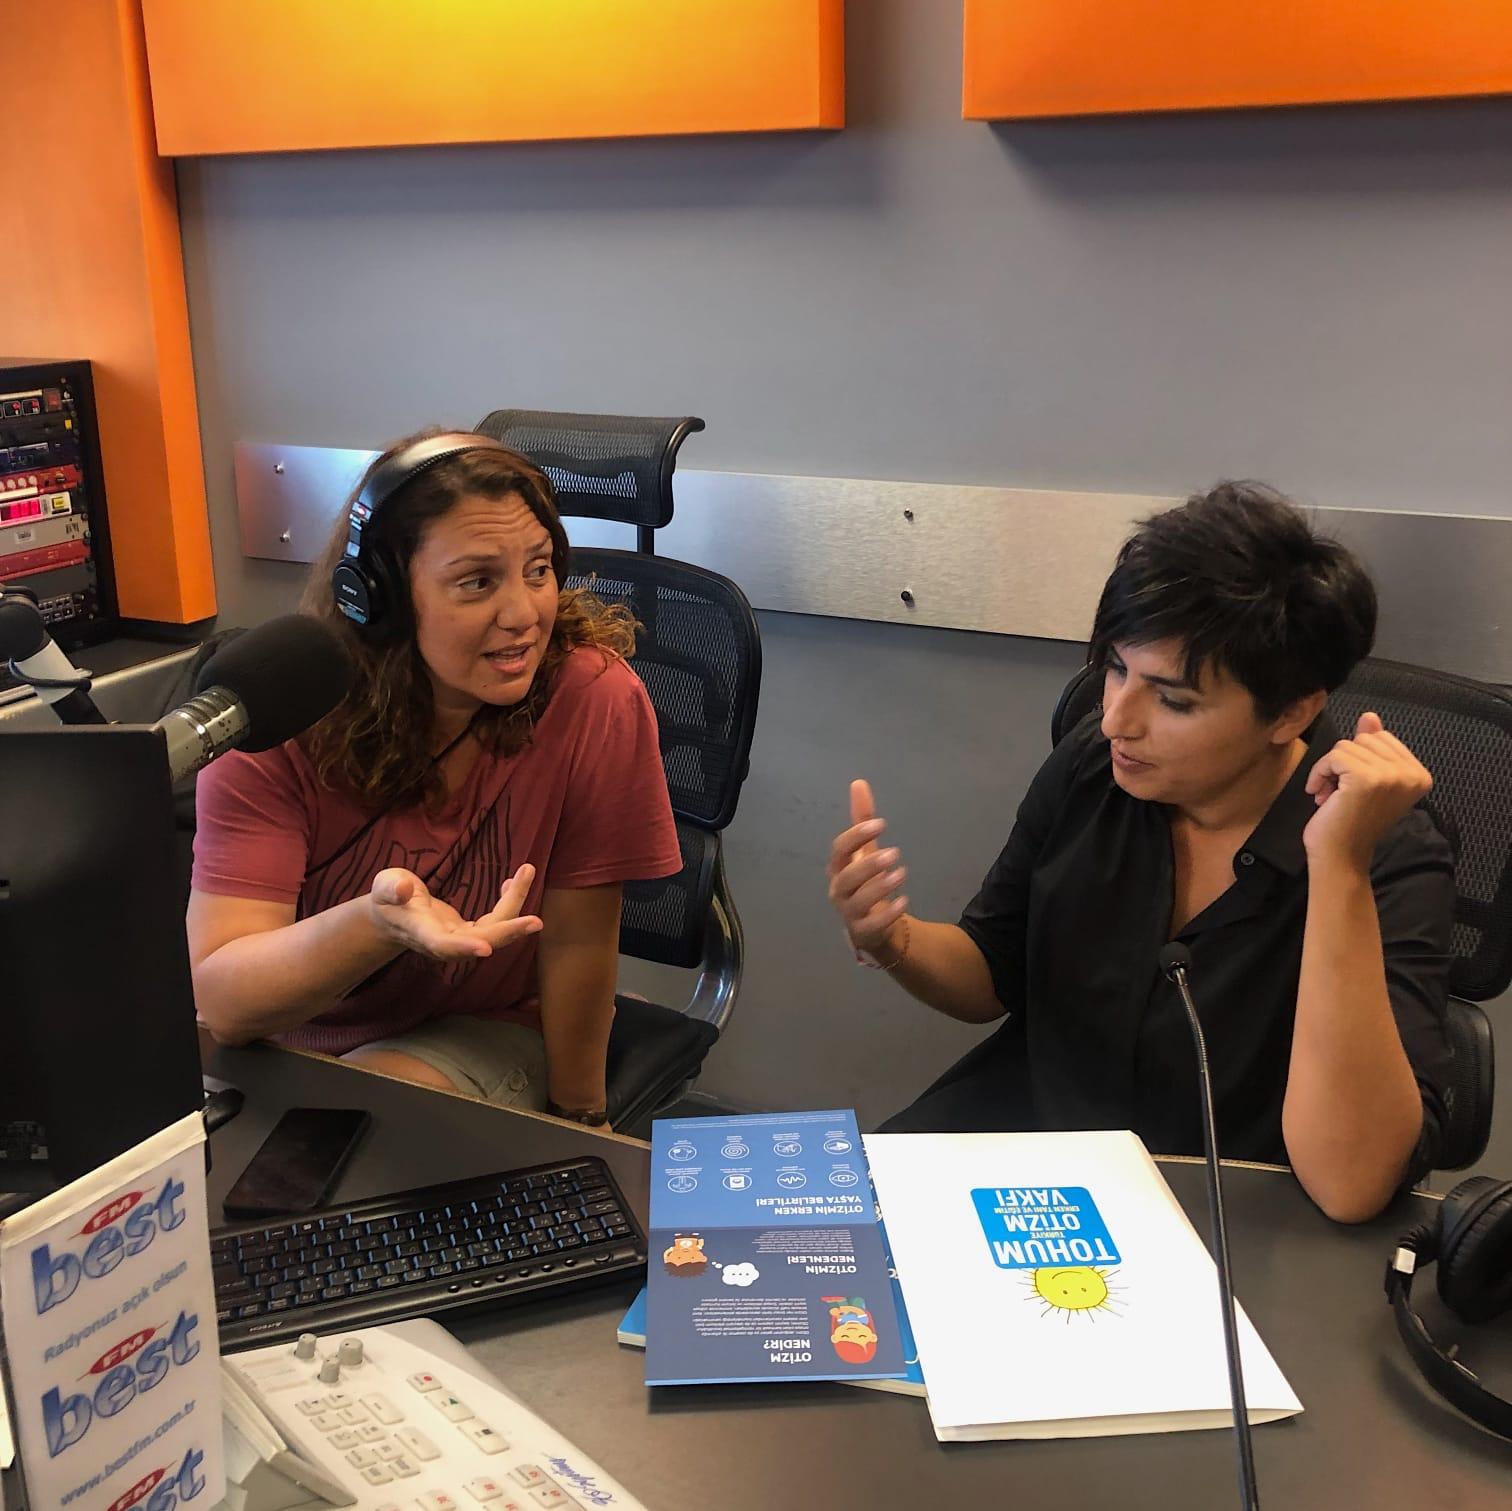 Otizmli Çocuklarla Girilen Diyalogdan Radyo Spotu